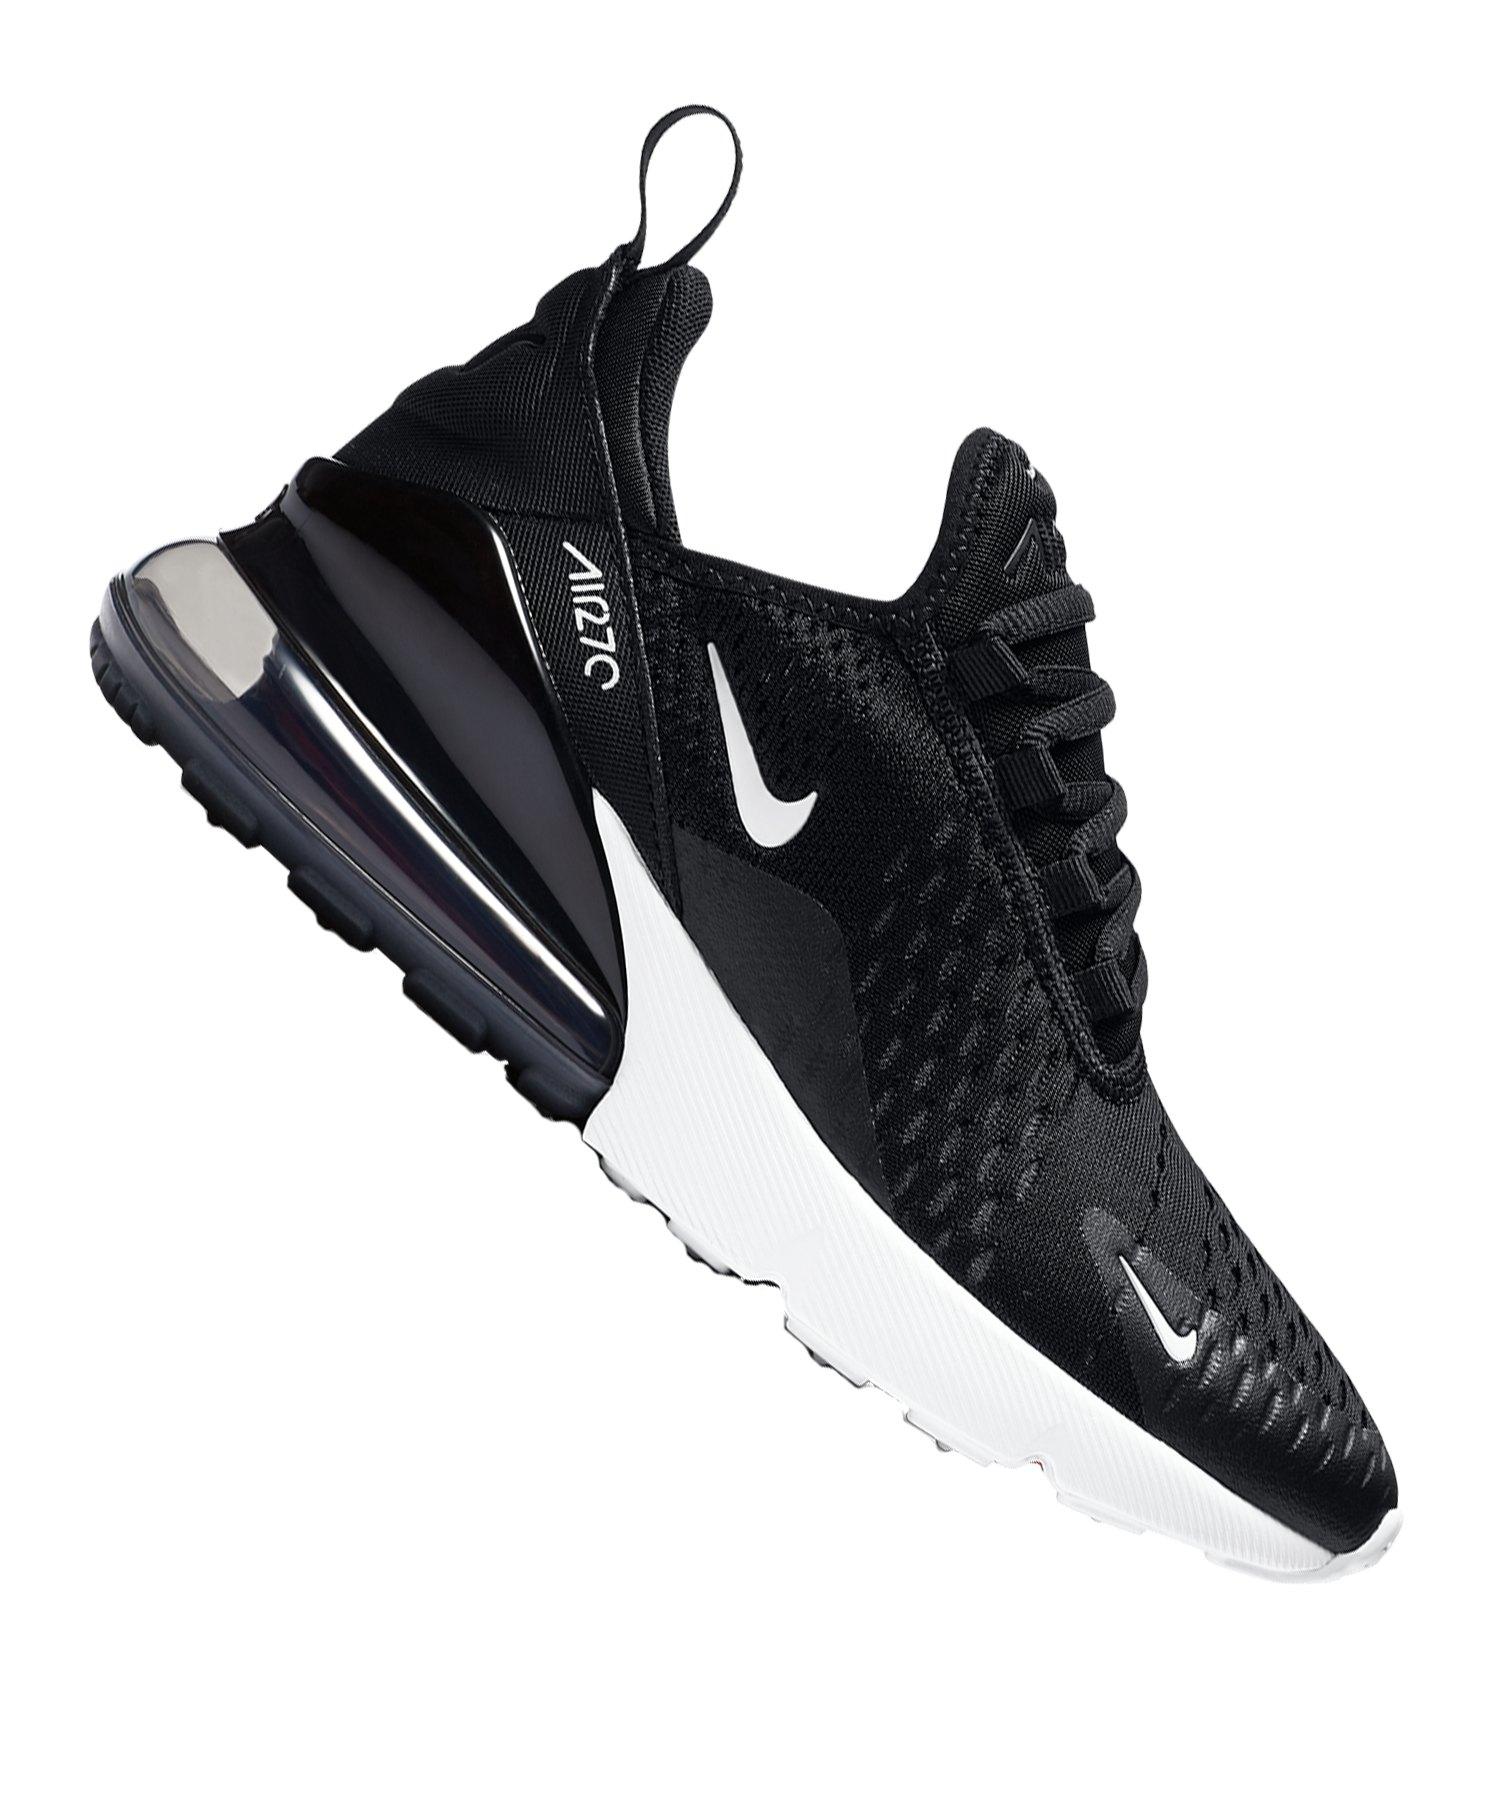 Nike Air Max 270 Sneaker Kids Schwarz F001 |Lifestyle | Freizeit ...